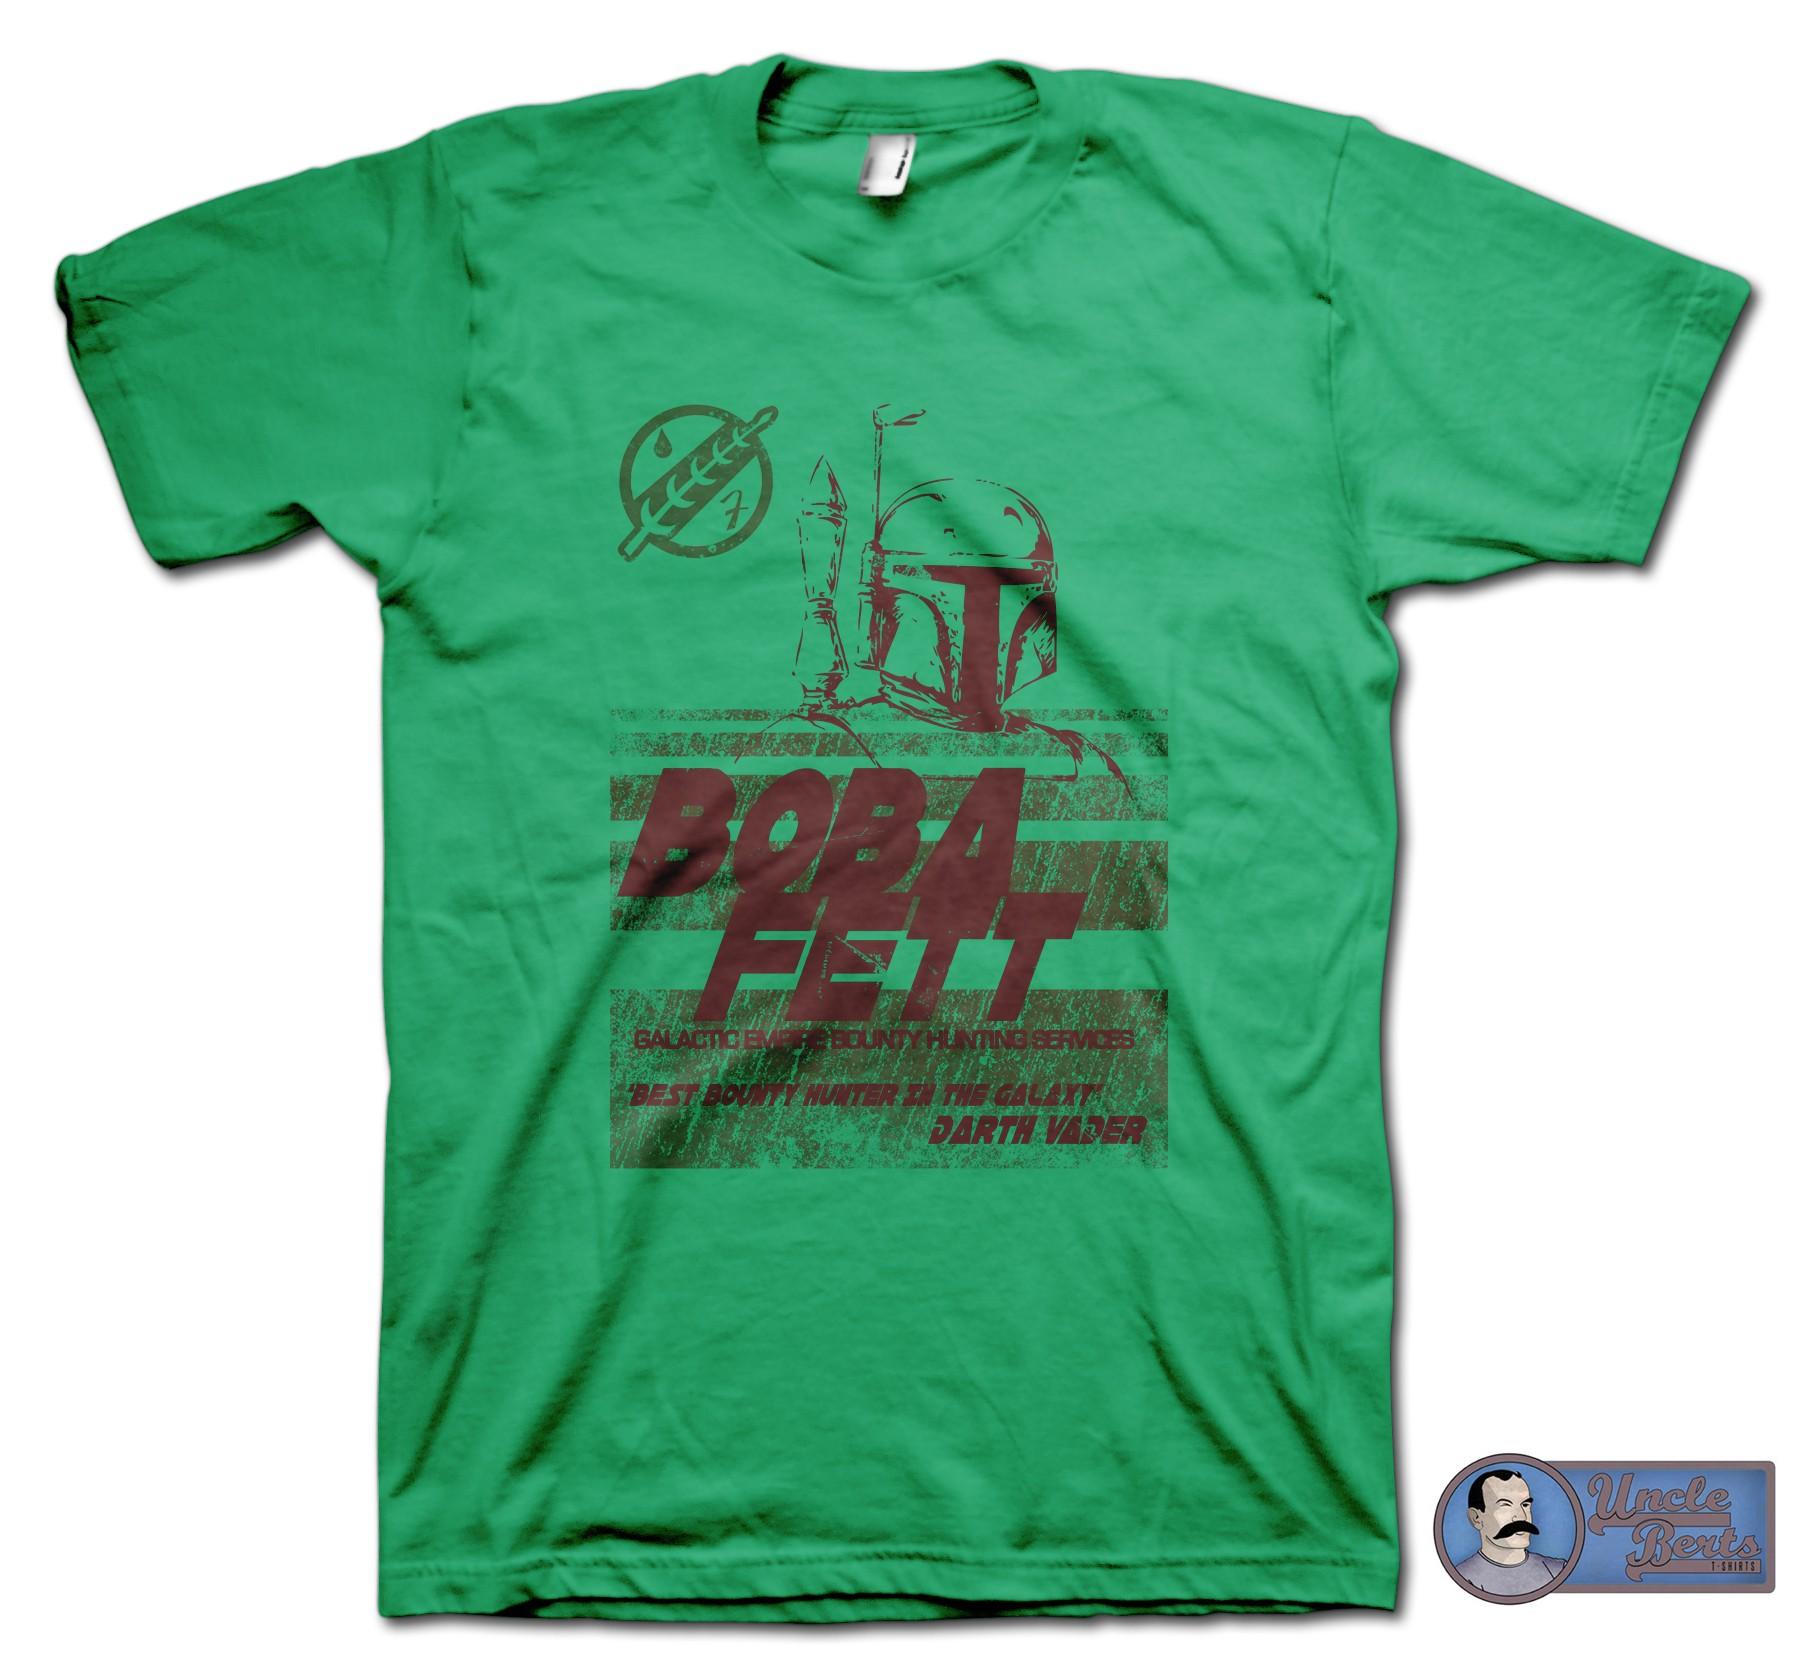 Star Wars: Episode V The Empire Strikes Back (1980) Inspired Boba Fett Bounty Hunter T-Shirt